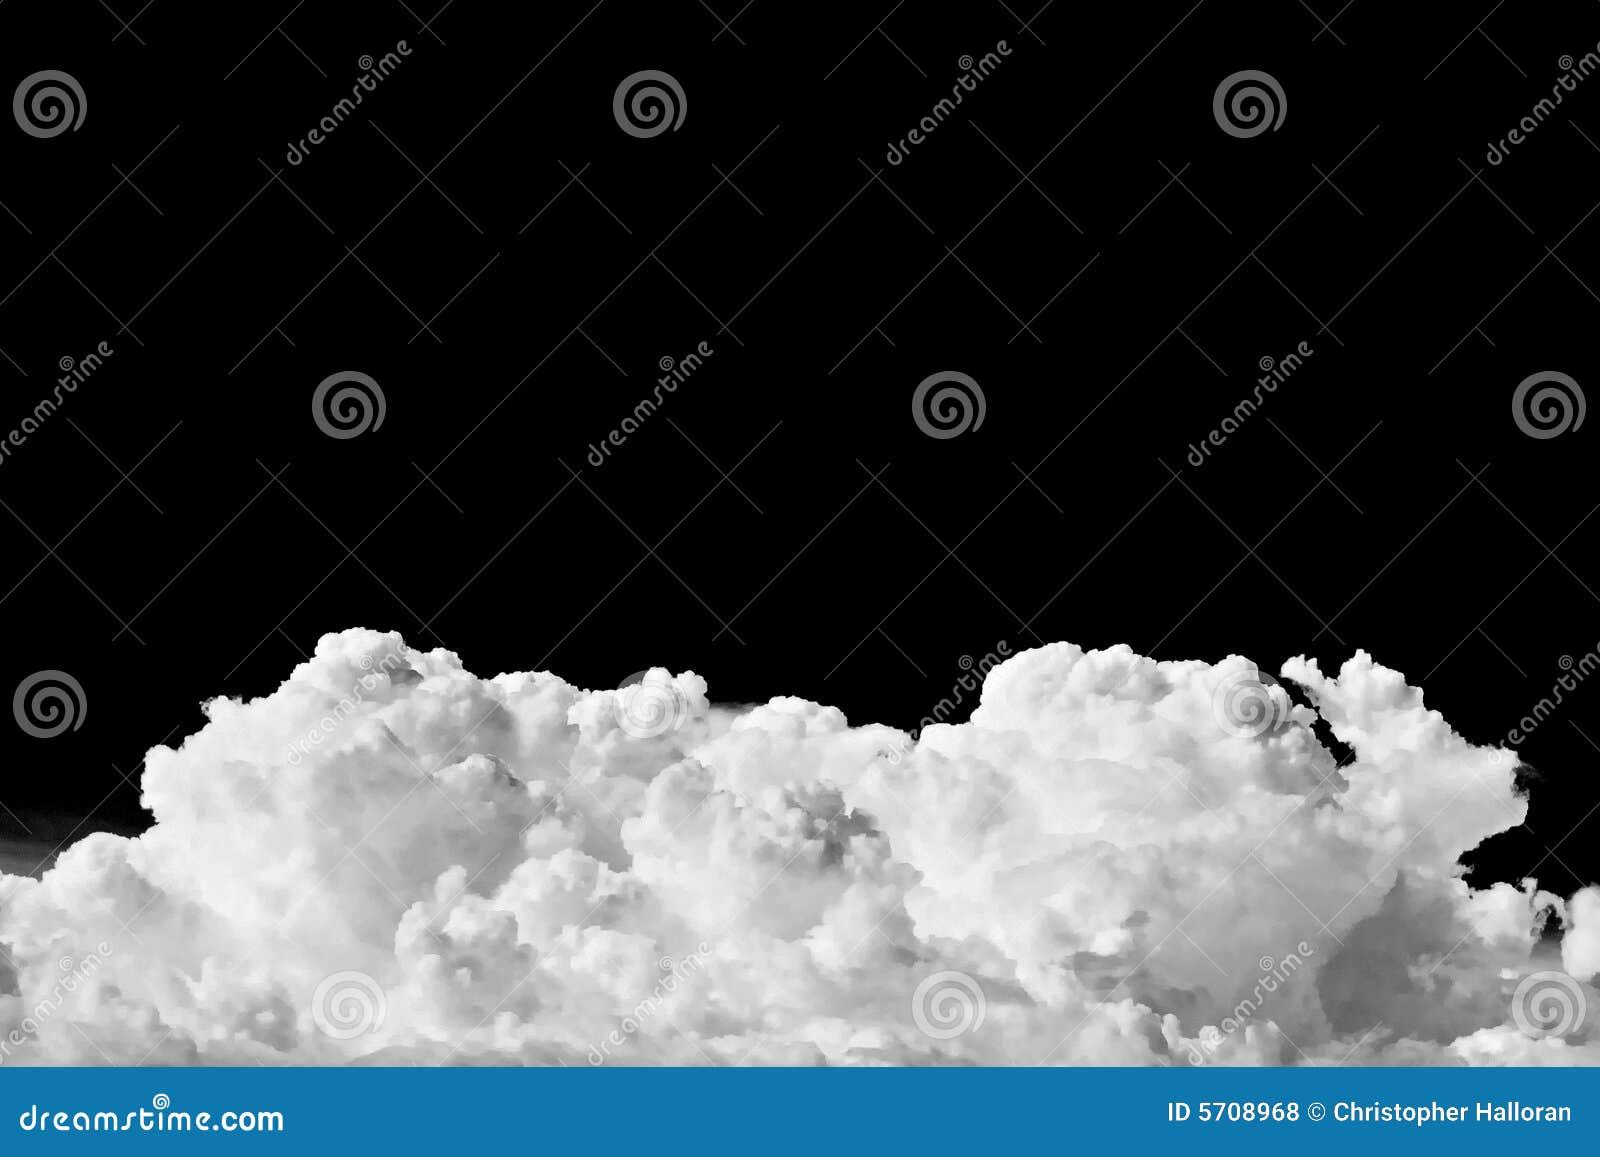 A summer storm cloud